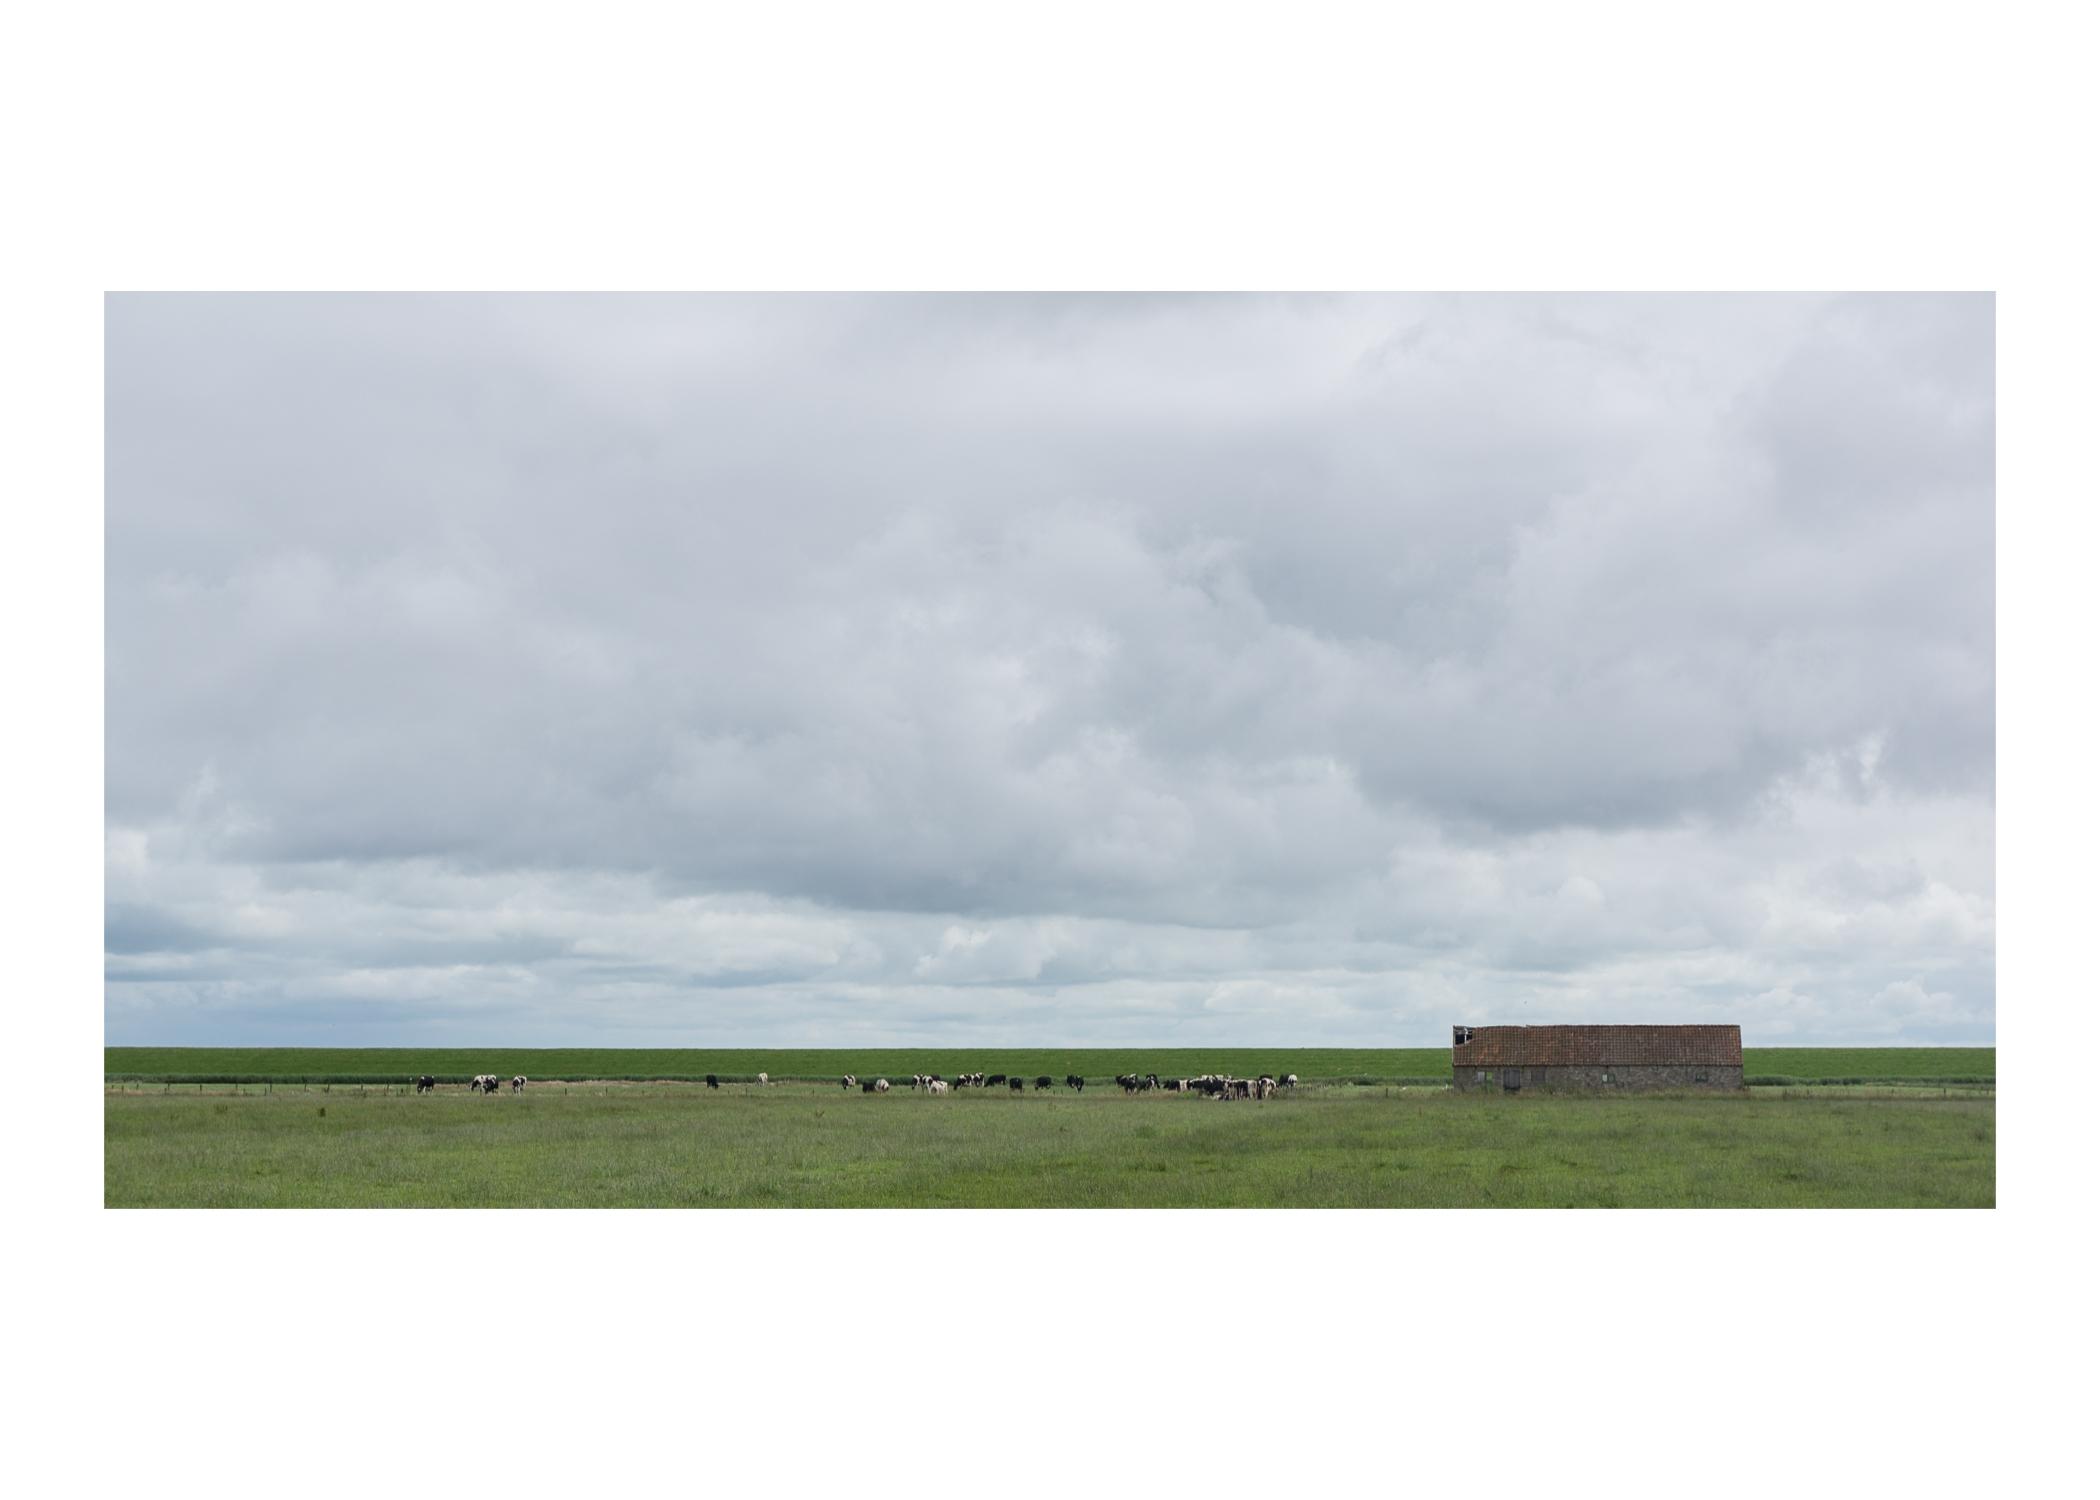 2013 Ameland zuidkust zeedijk